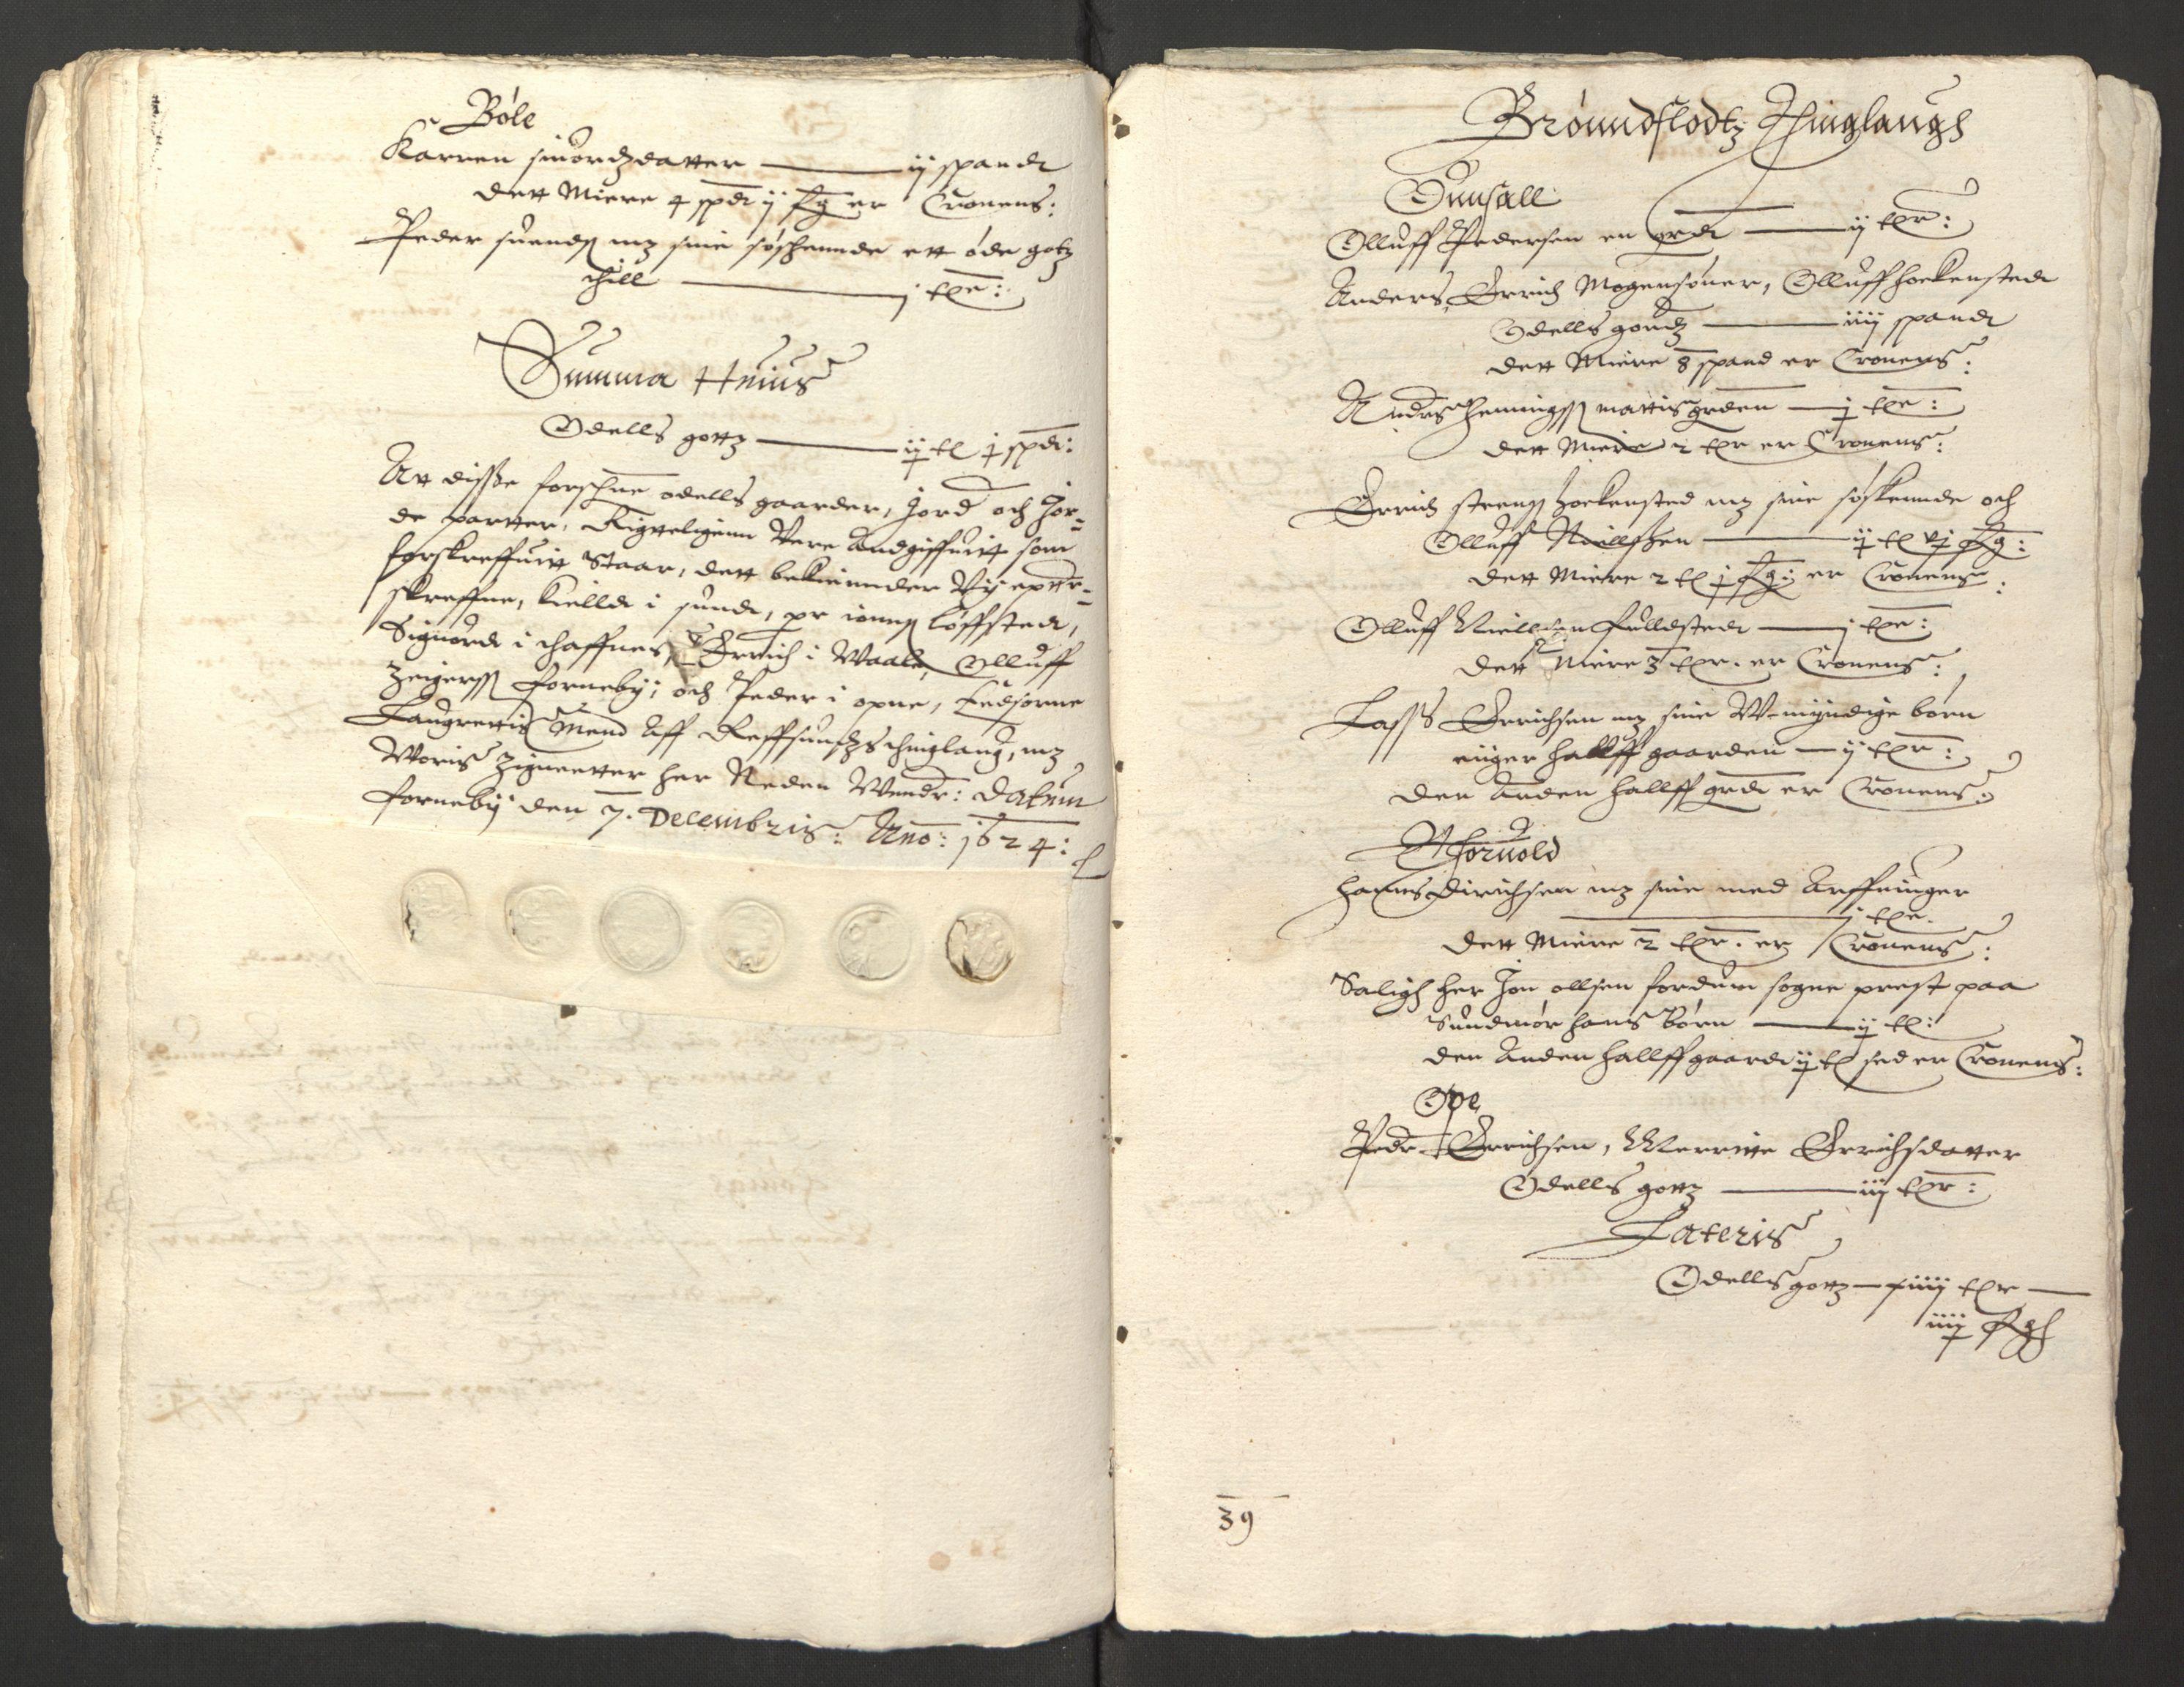 RA, Stattholderembetet 1572-1771, Ek/L0013: Jordebøker til utlikning av rosstjeneste 1624-1626:, 1624-1625, s. 134